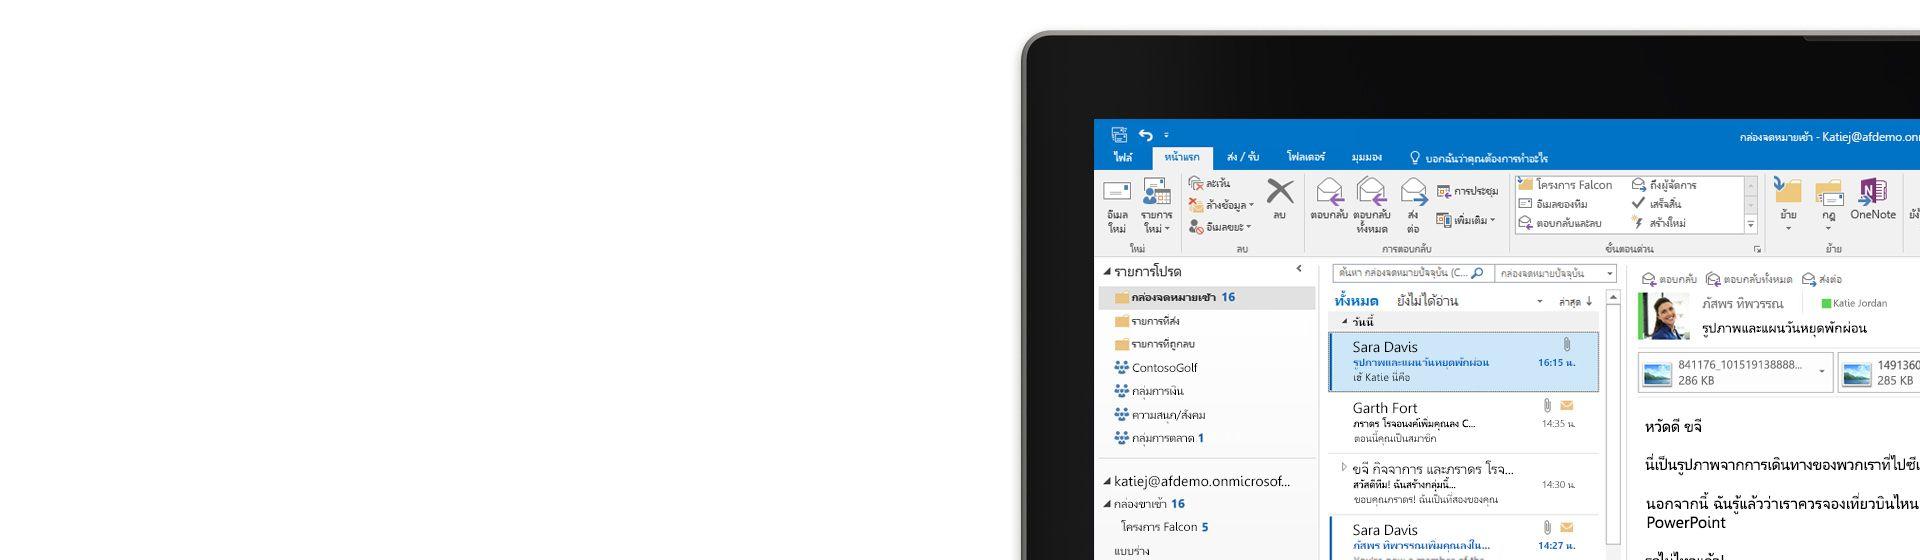 แท็บเล็ตแสดงกล่องจดหมายเข้าของ Microsoft Outlook 2016 พร้อมรายการข้อความและตัวอย่าง